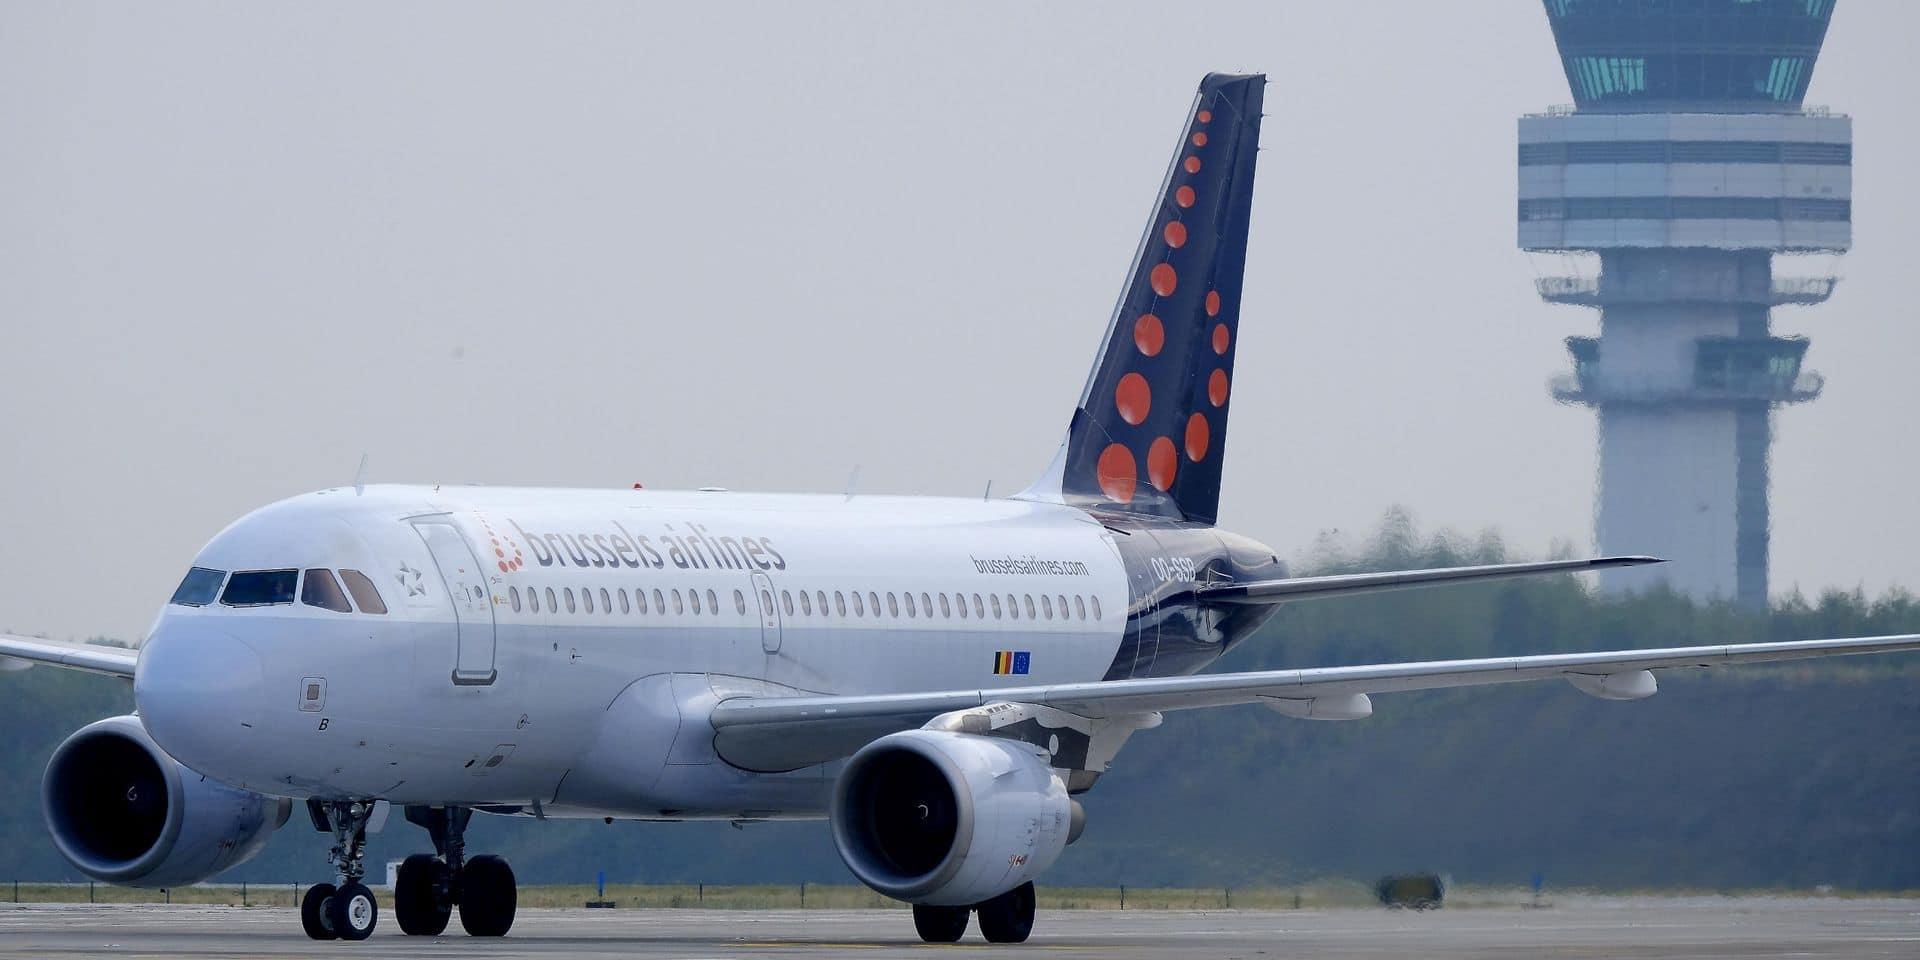 Brussels Airlines desservira un réseau de 59 destinations dans 33 pays d'ici la fin août